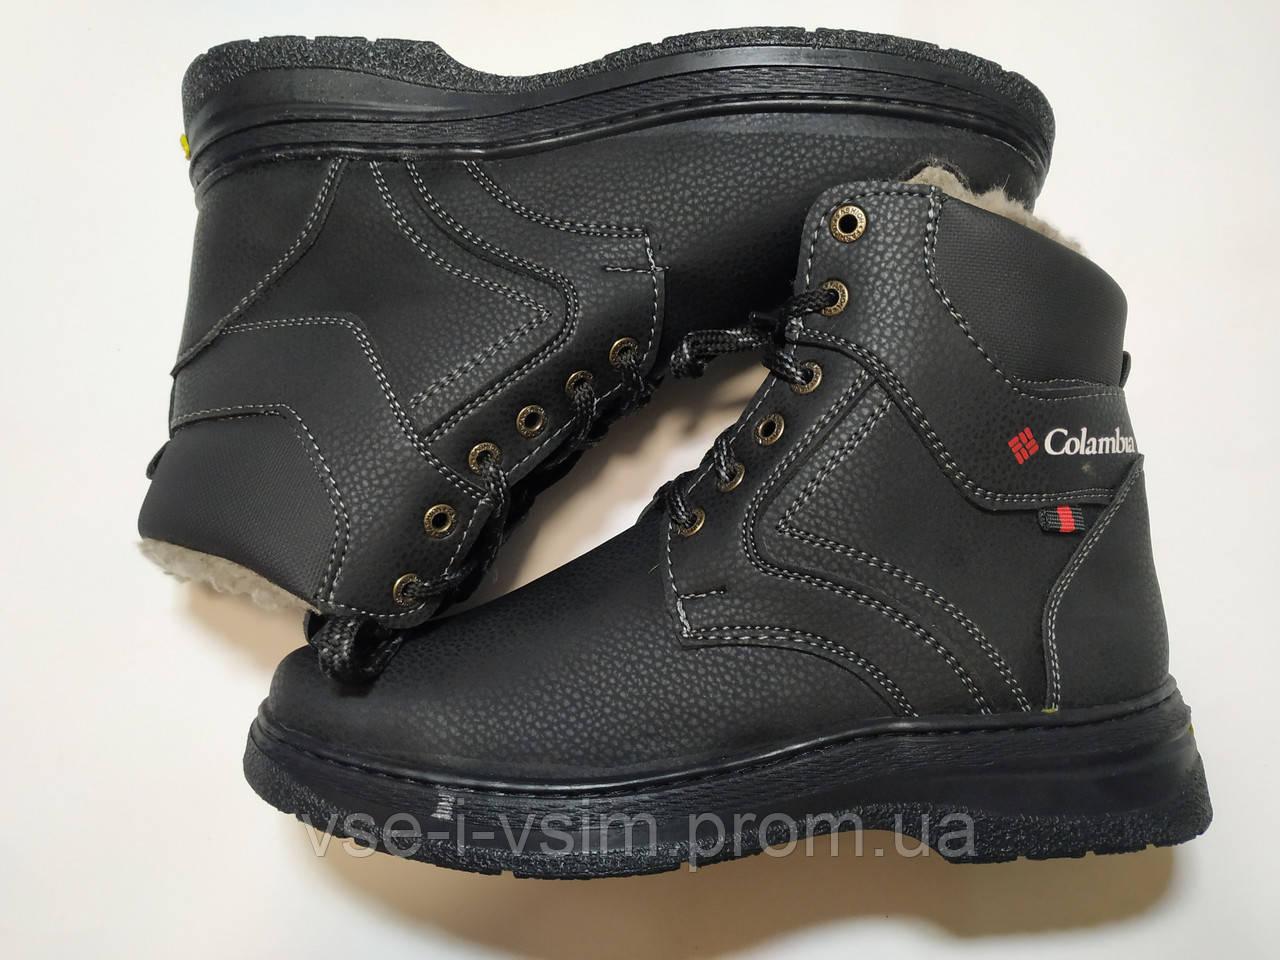 Ботинки Мужские теплые 40 р 26.5 см